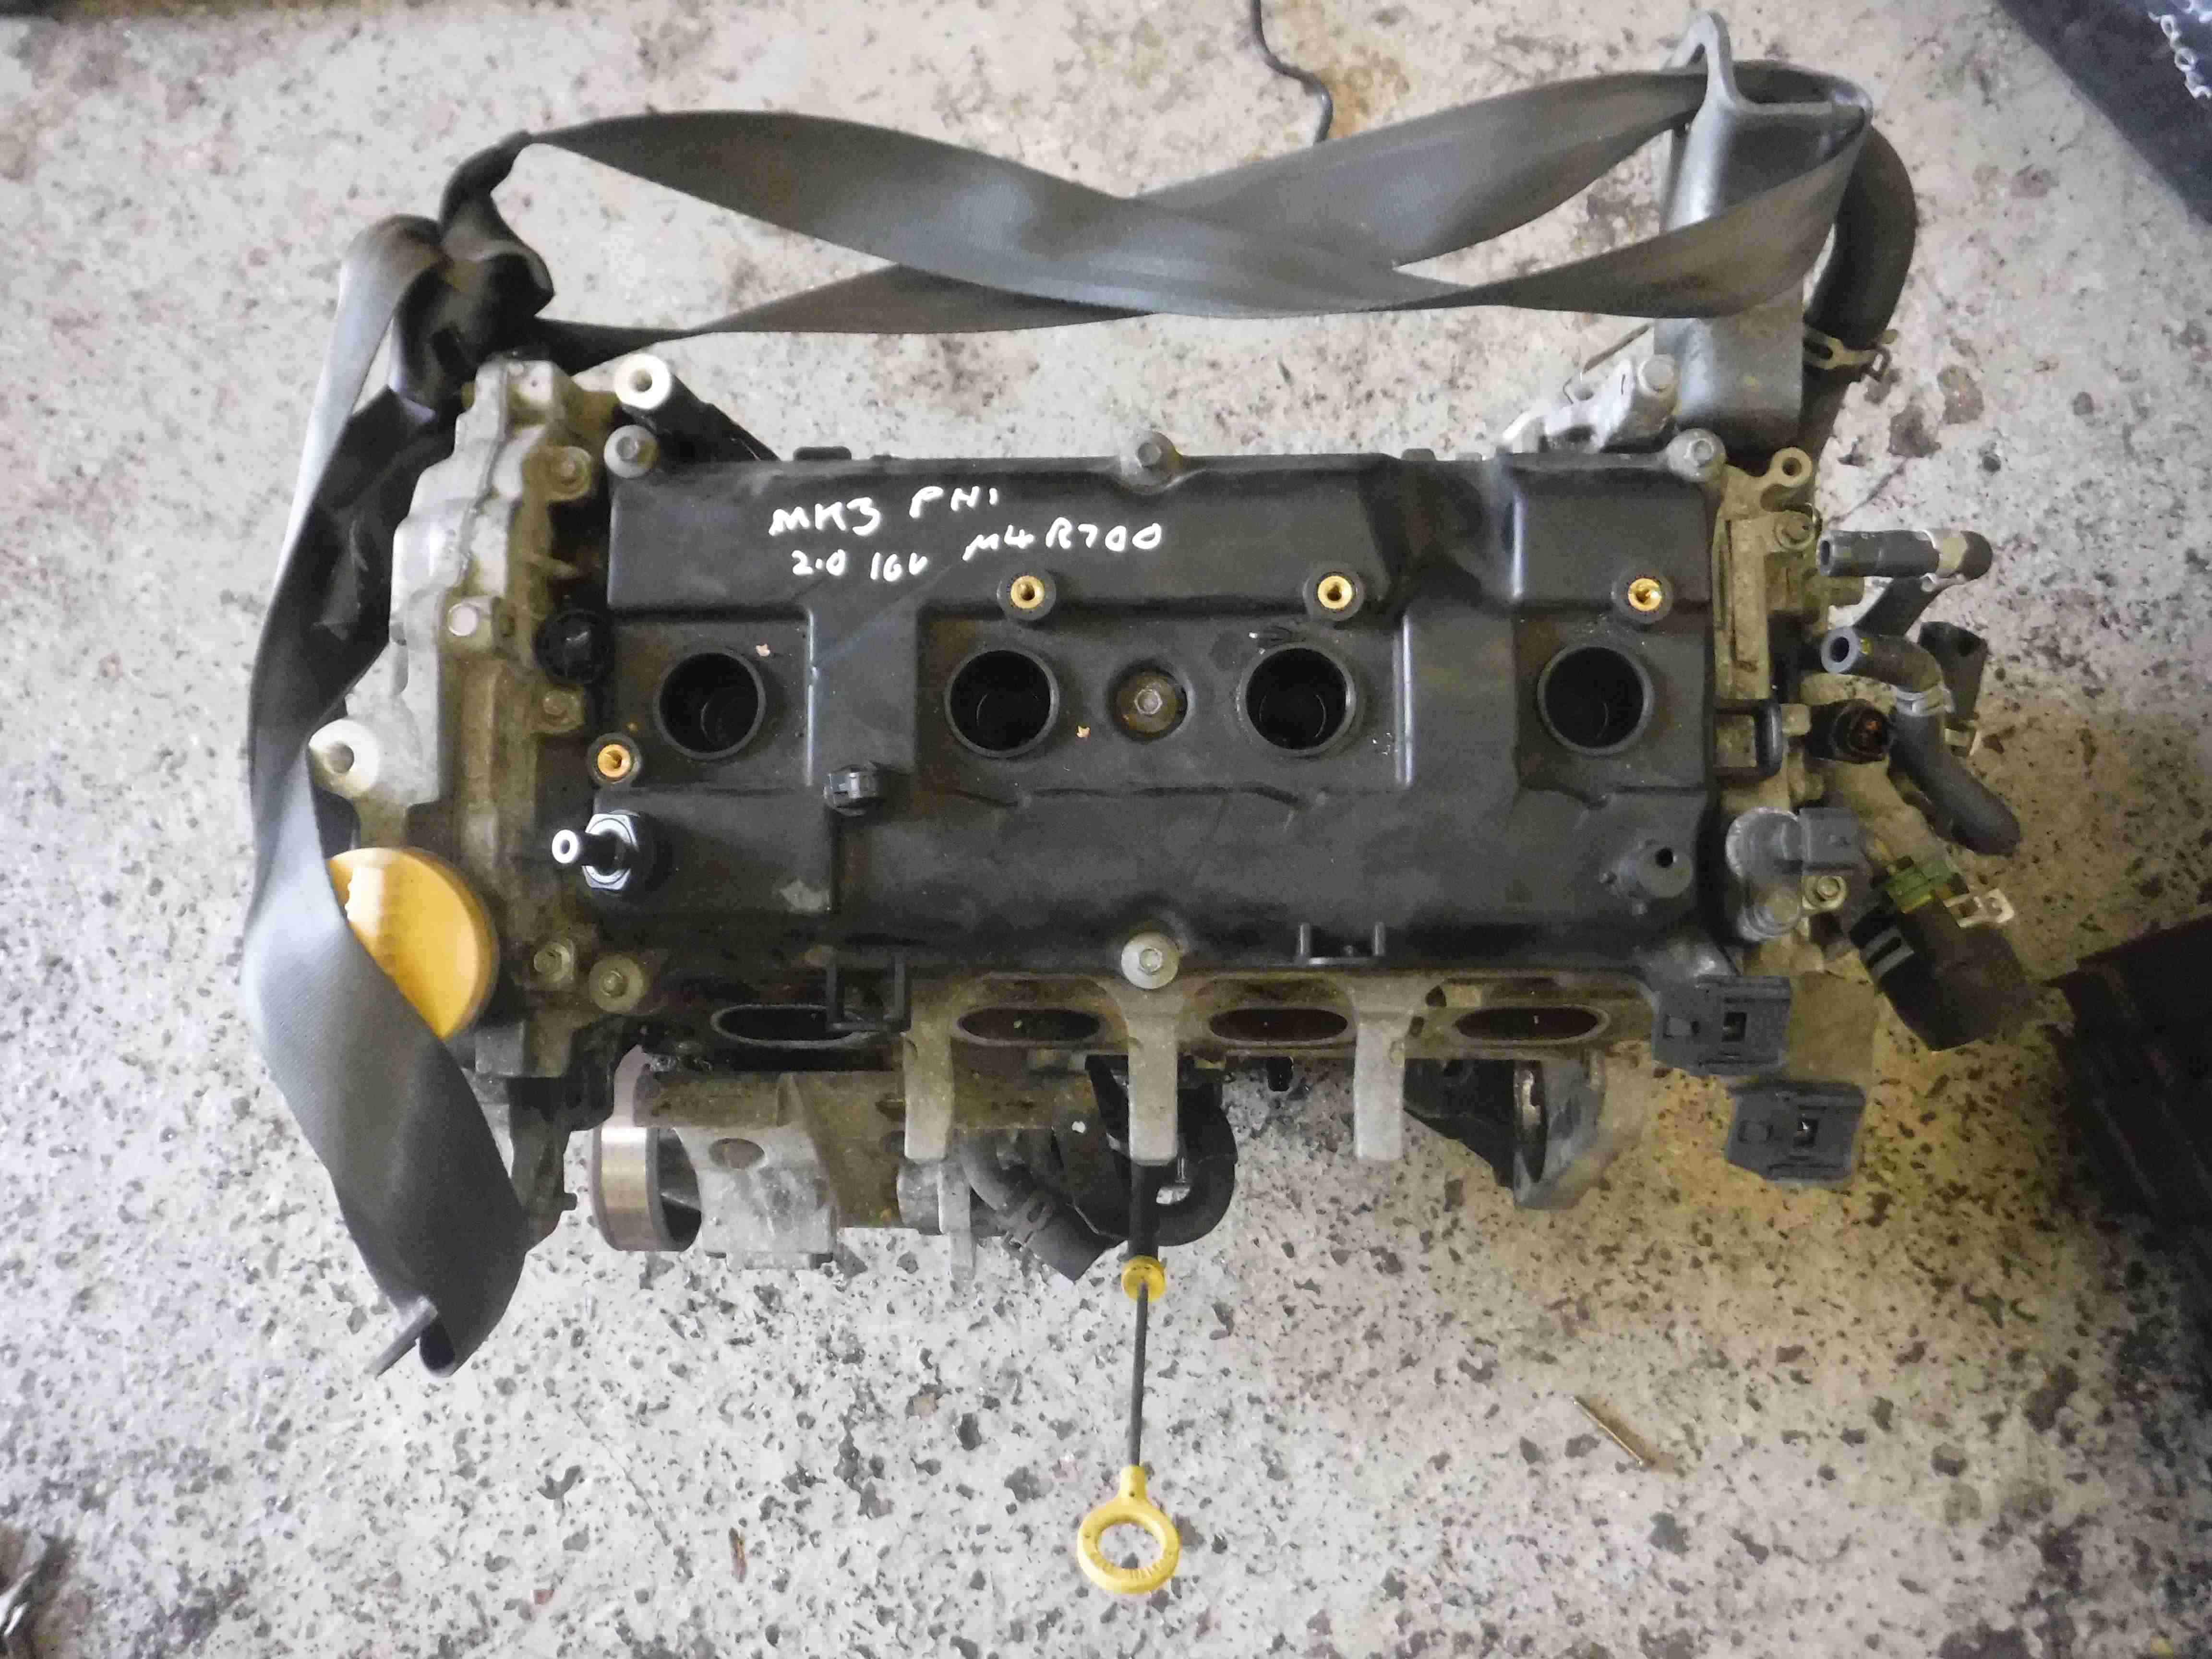 Renault Clio MK3 2005-2009 2.0 16v Engine M4R 700 *3 Months Warranty* m4r700